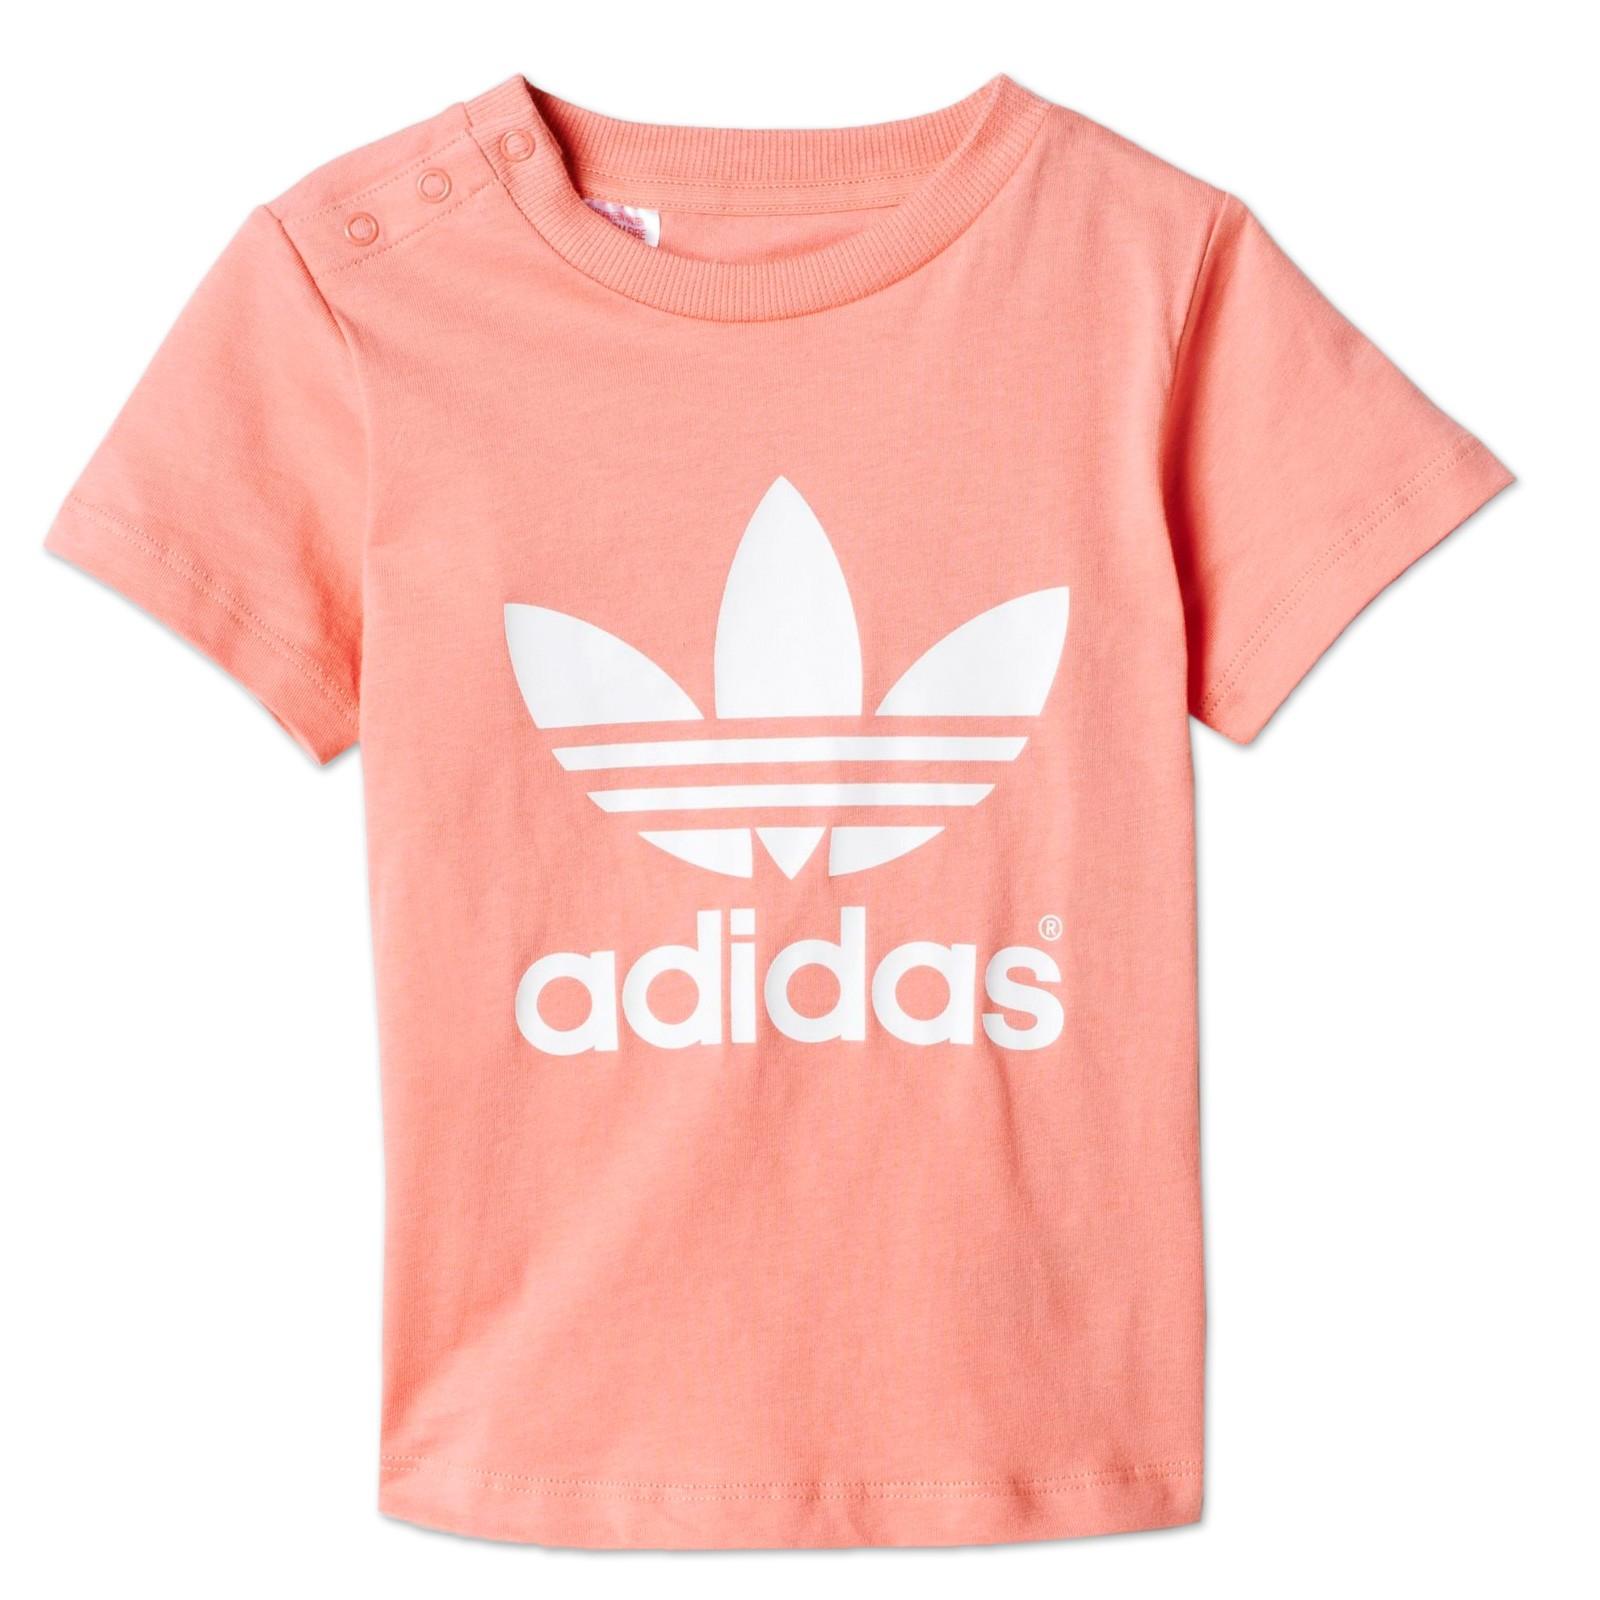 adidas t shirt kinder 146